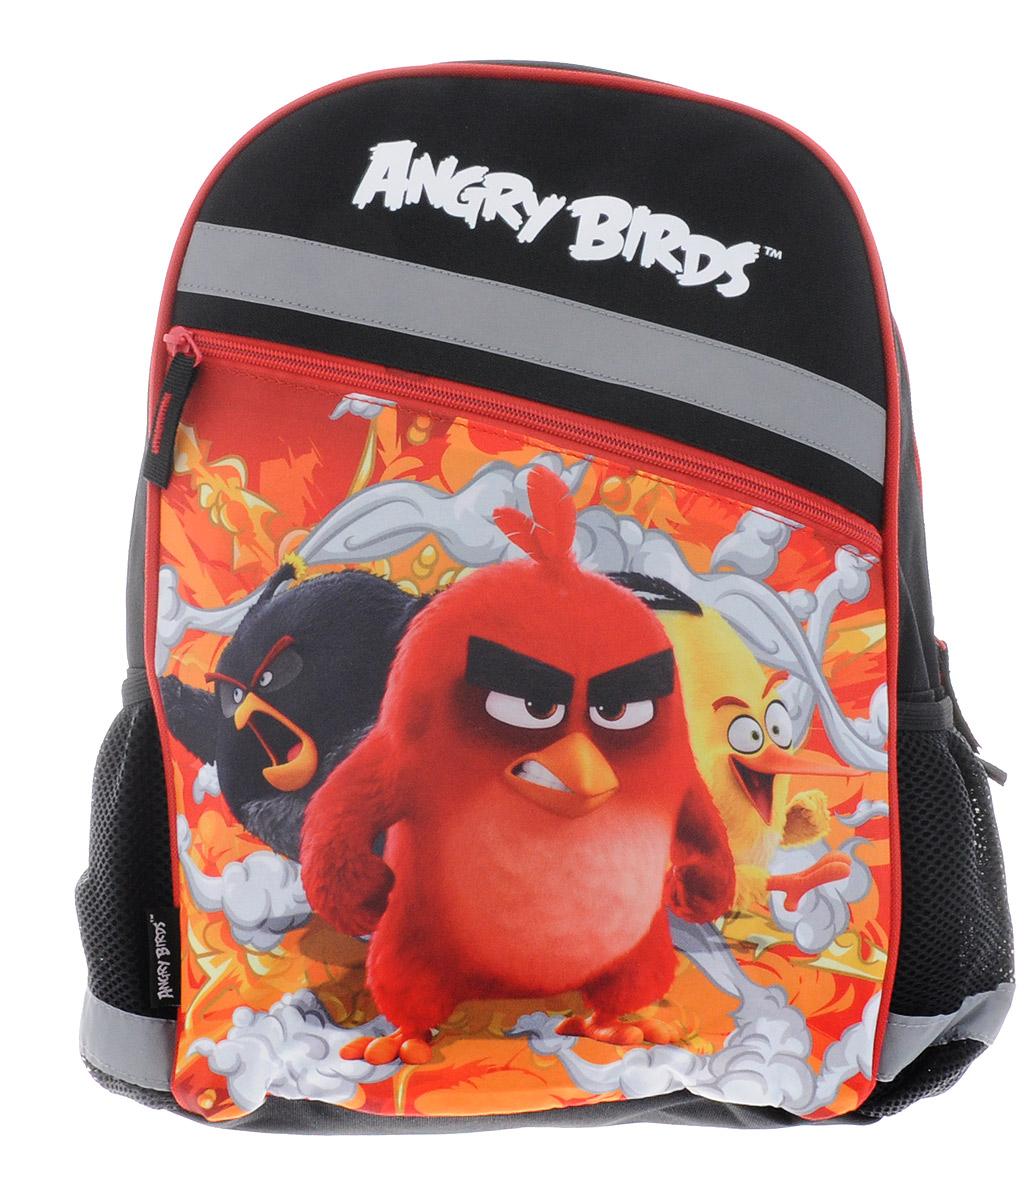 Angry Birds Рюкзак детский цвет горький шоколад